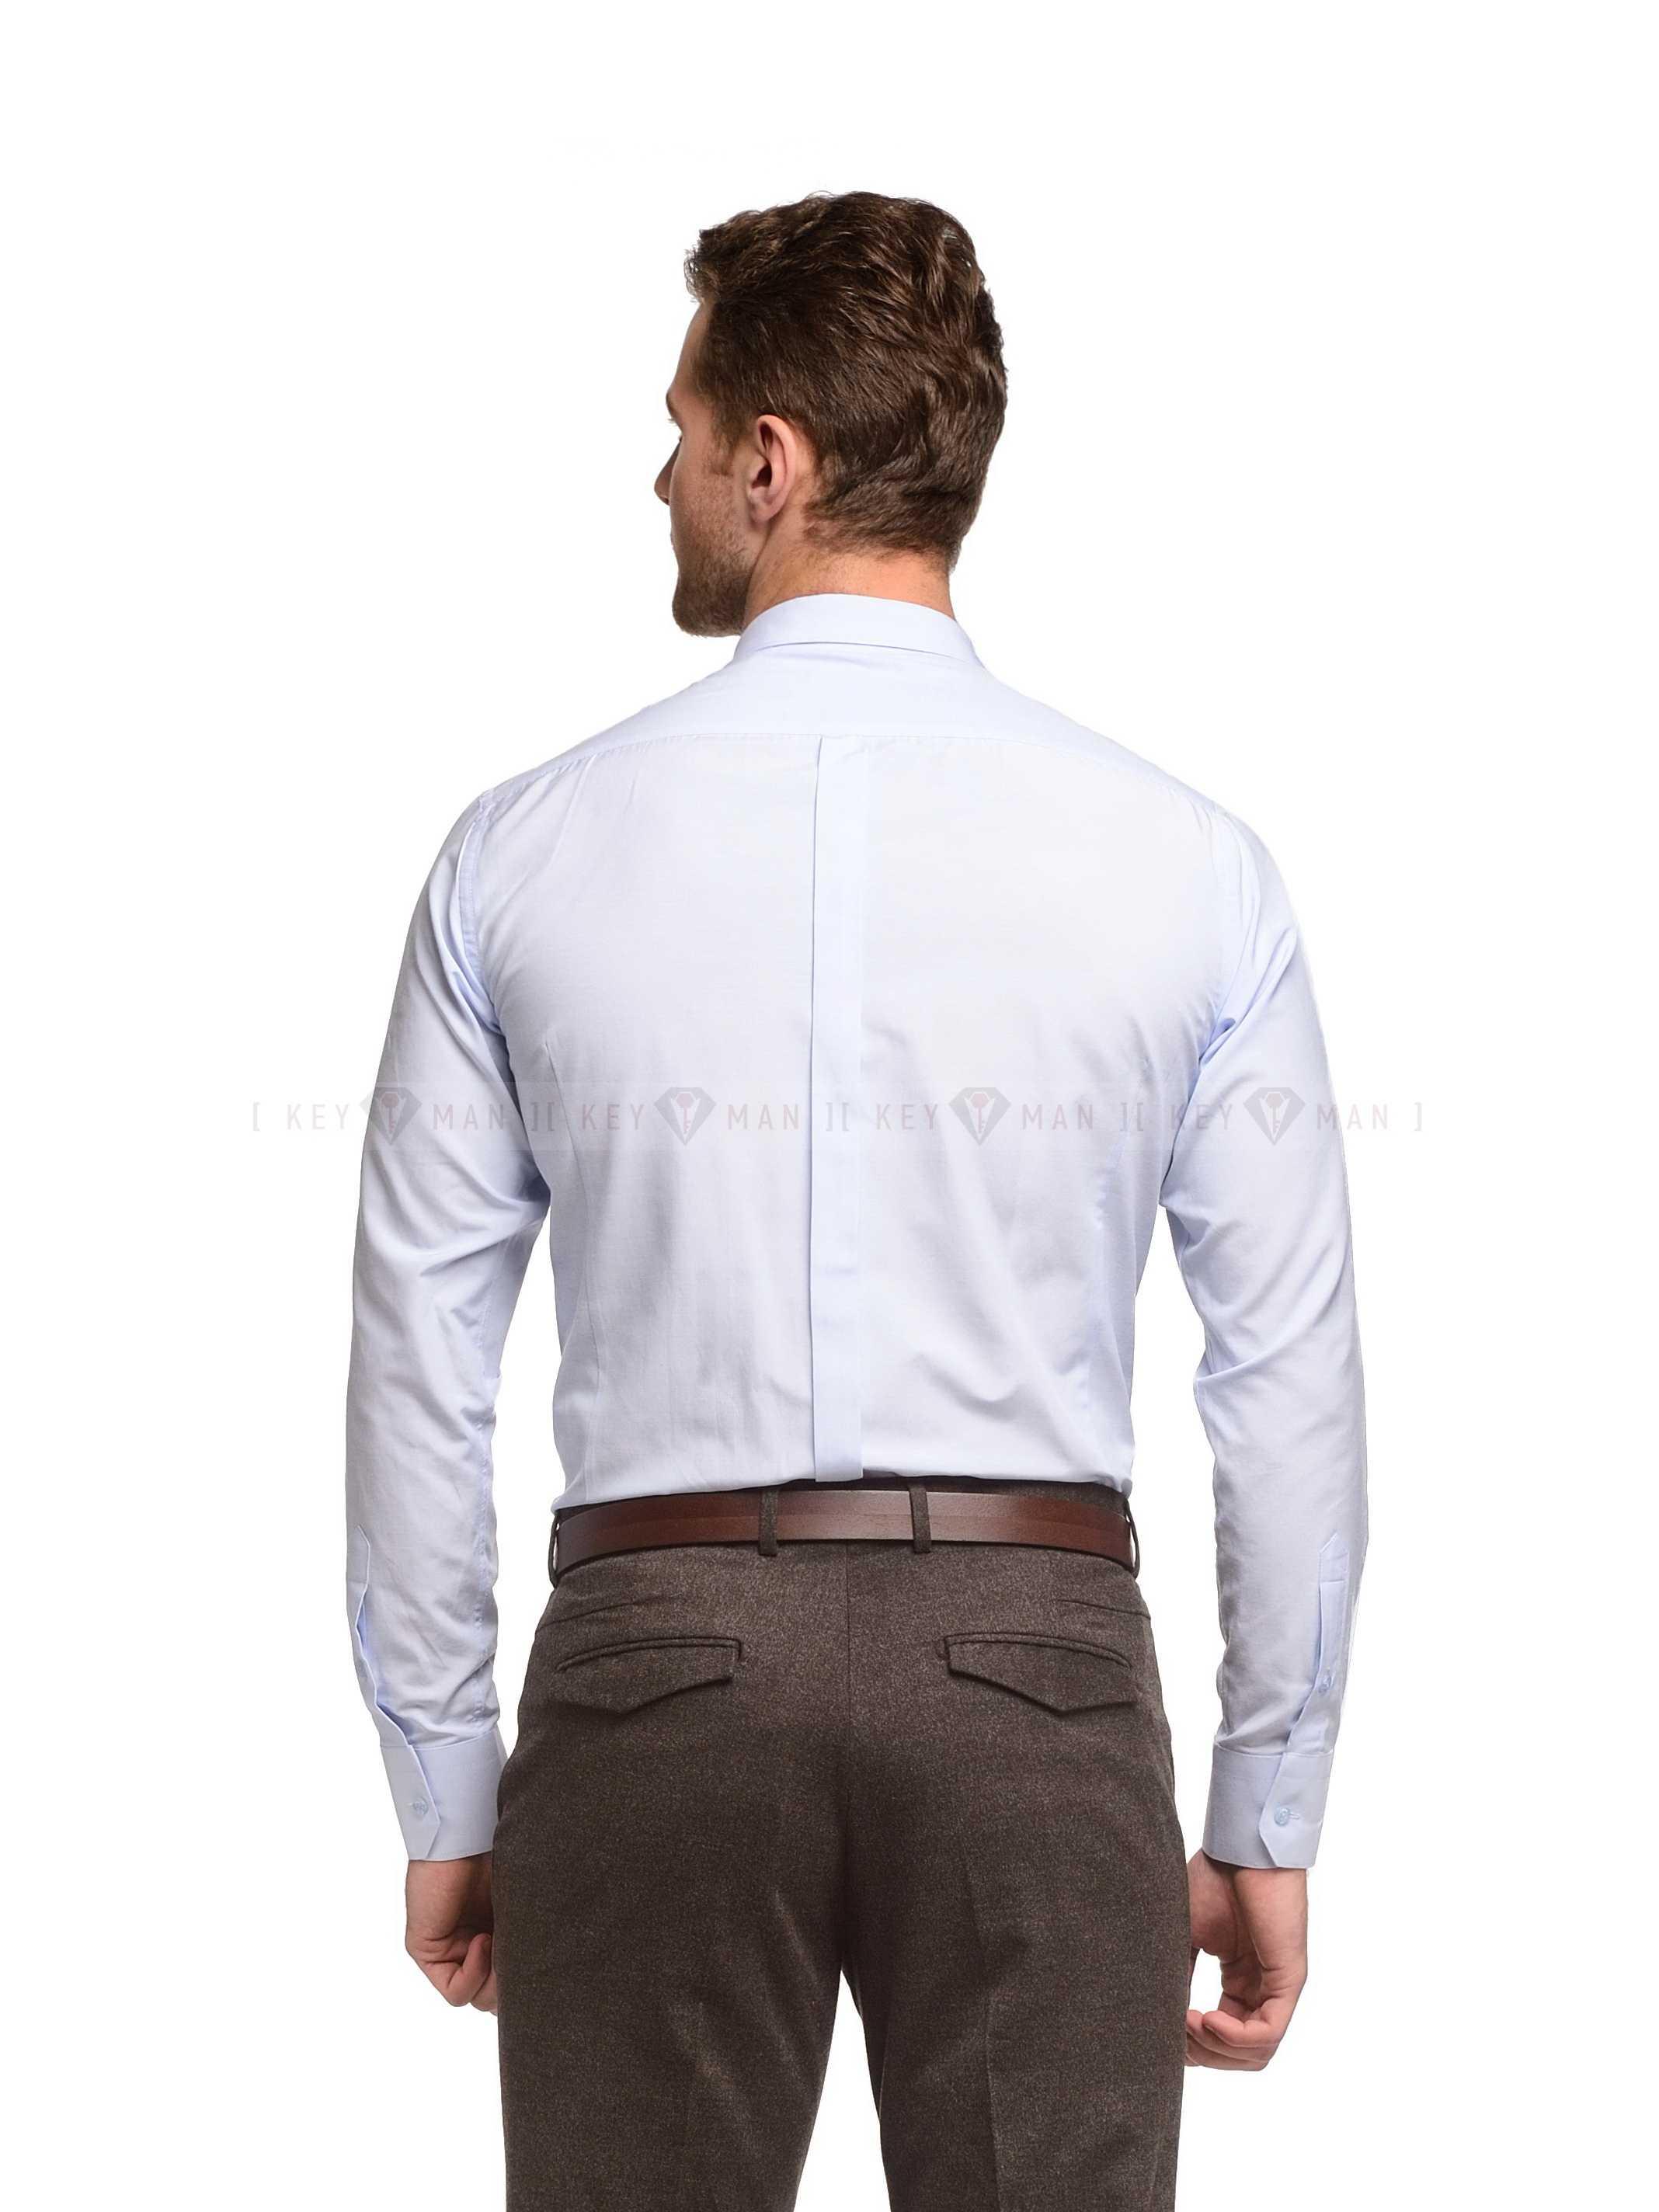 Рубашка мужская голубая (короткий воротник)